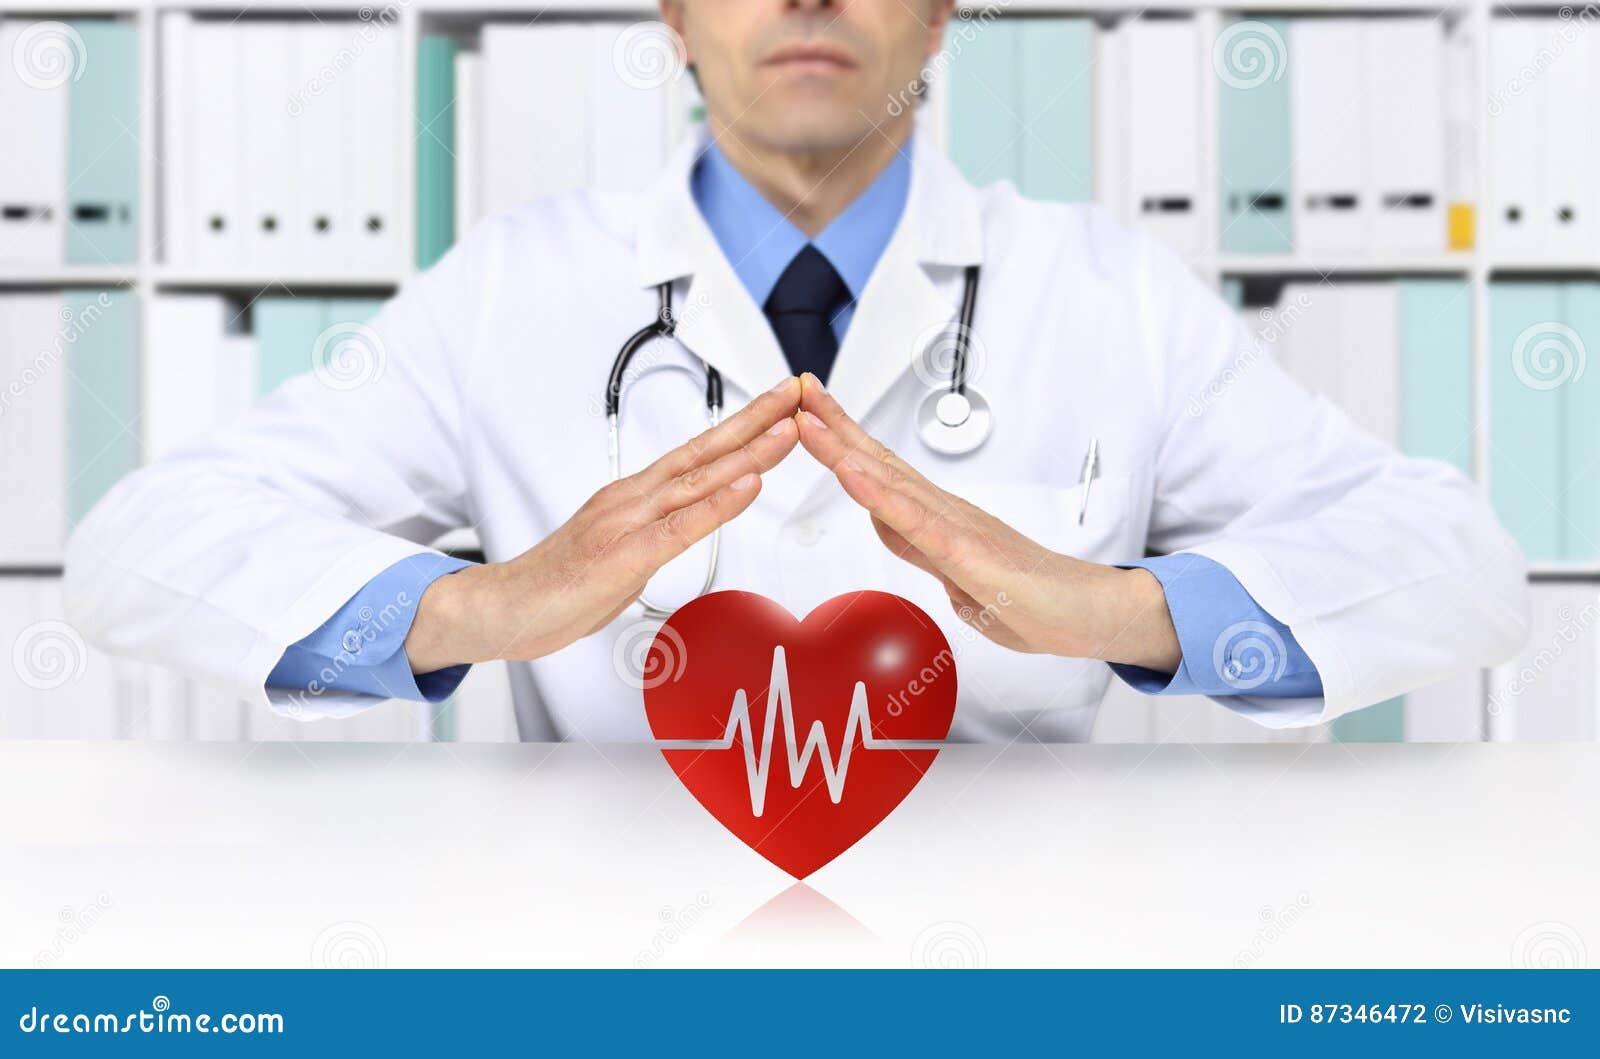 Handen de arts beschermt hartsymbool, medische ziektekostenverzekering